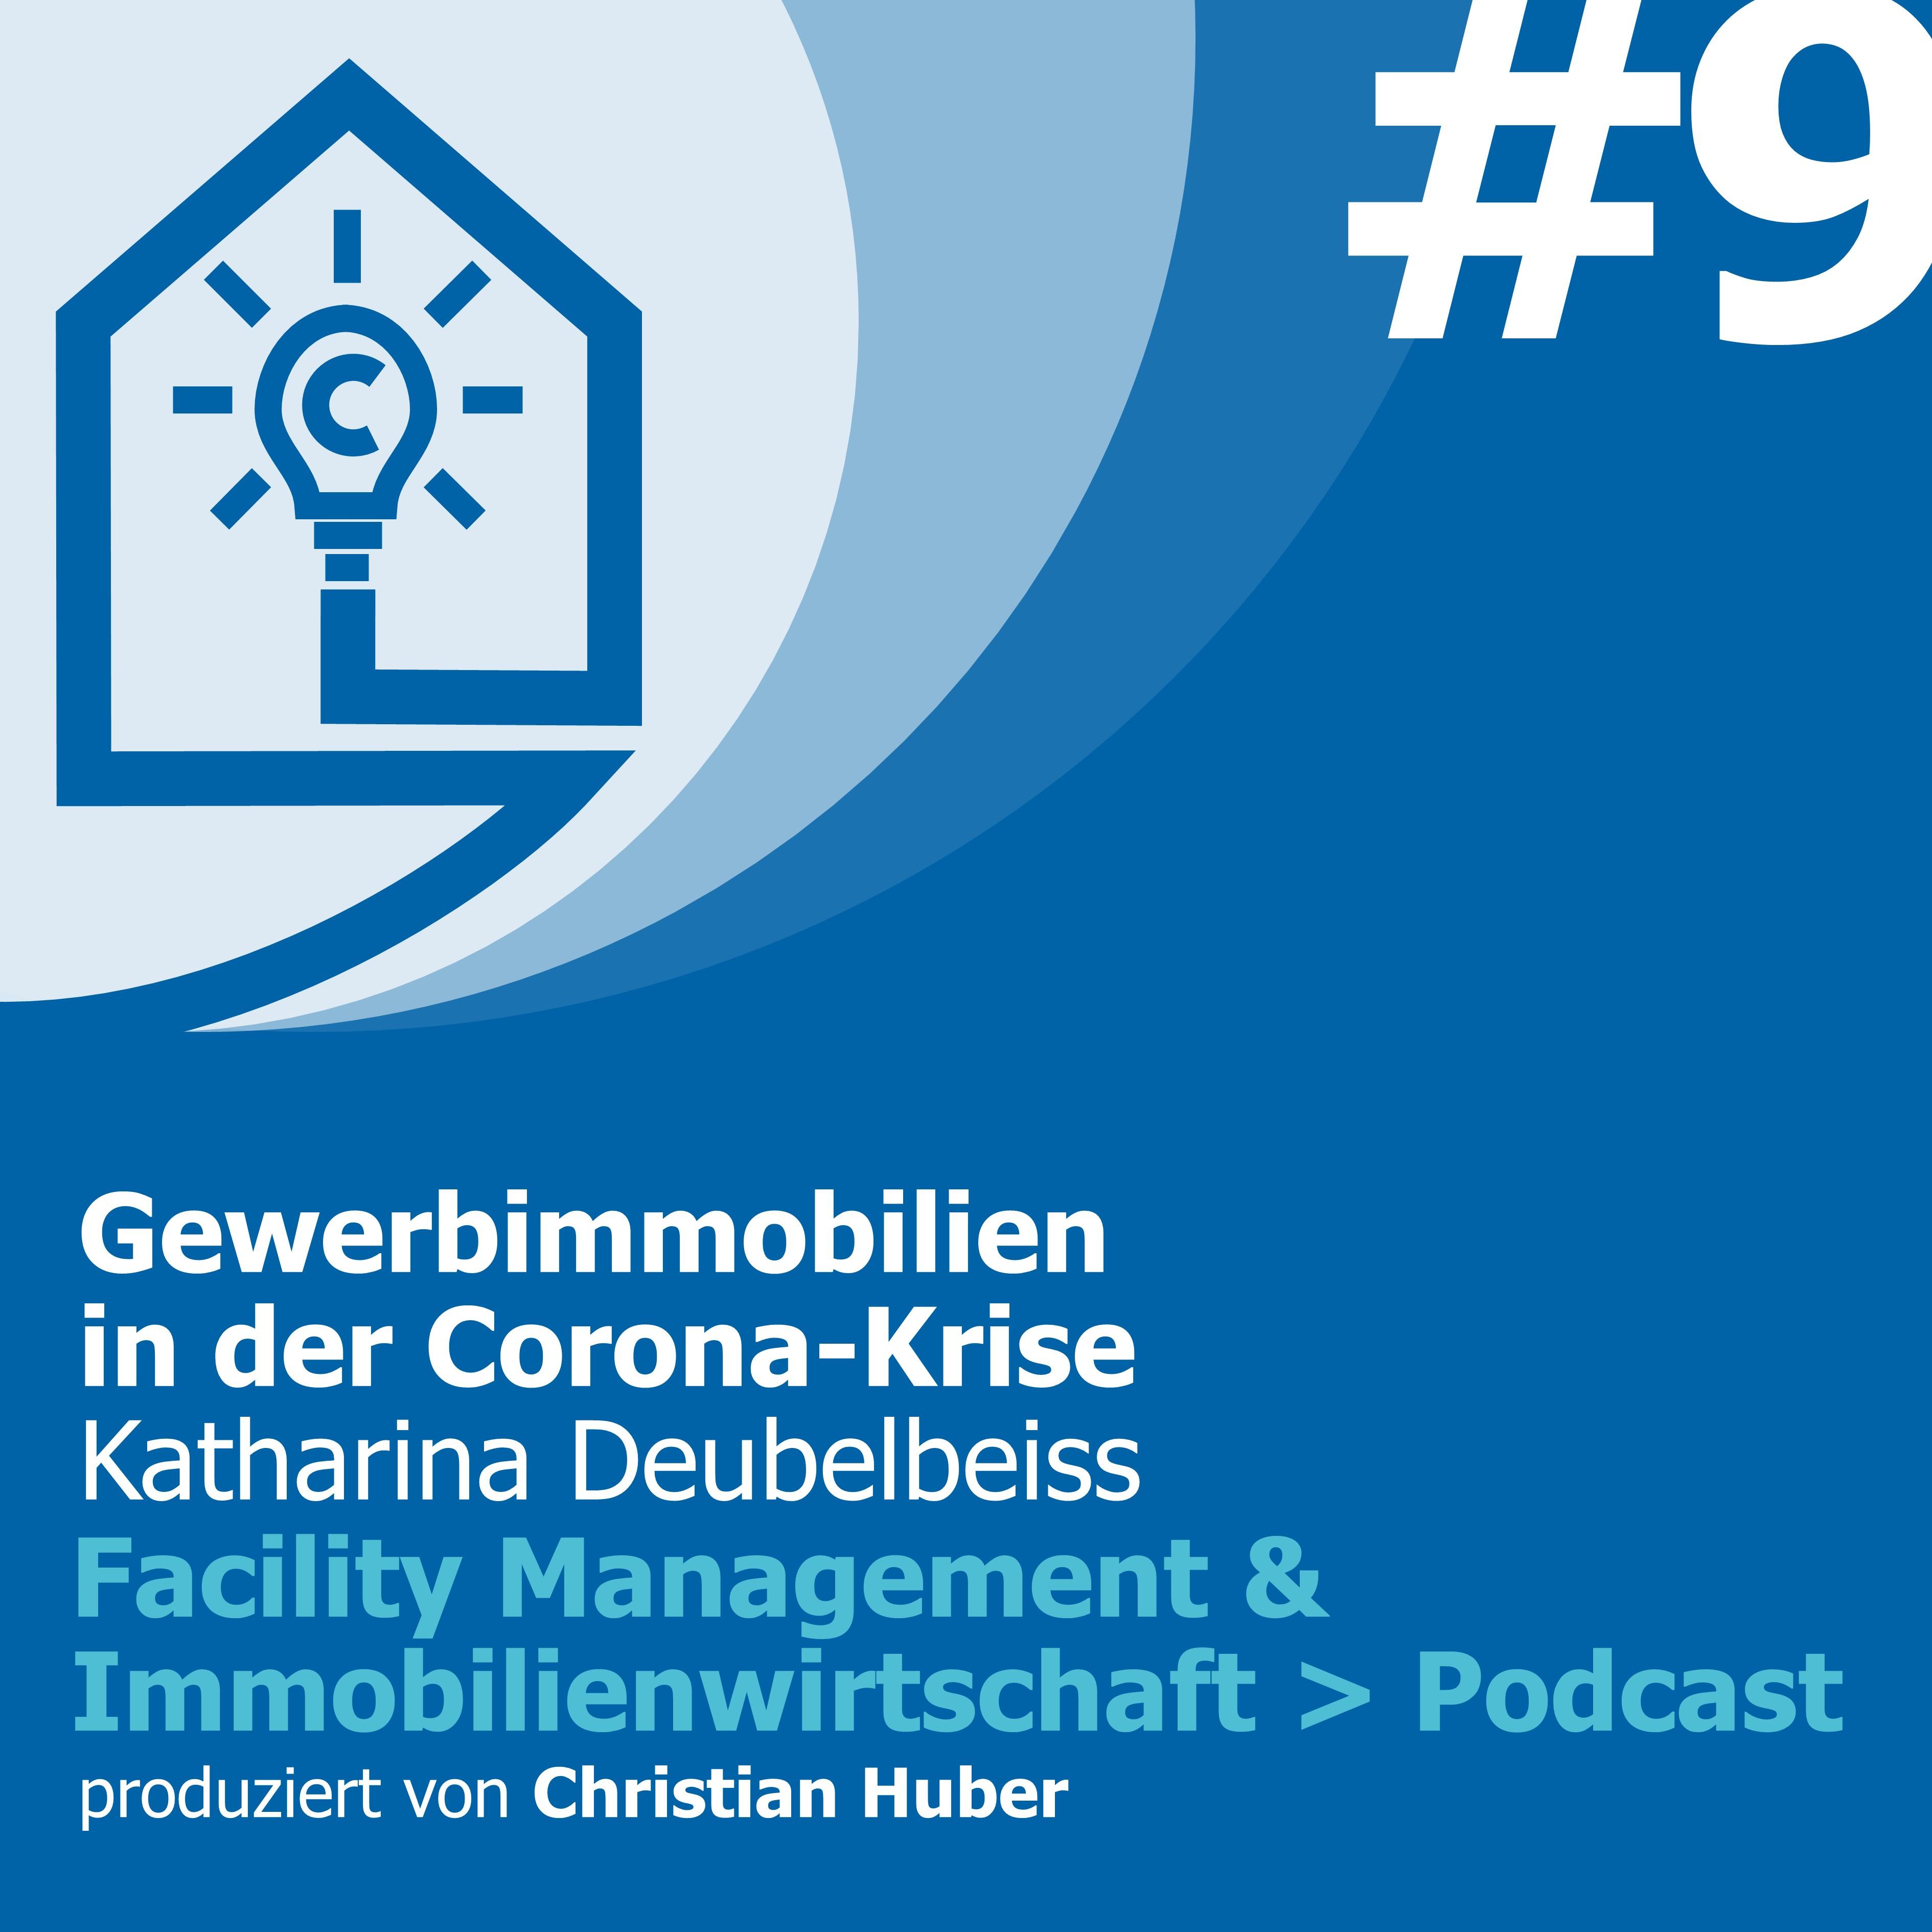 Episode 9 - Gewerbeimmobilien in der Corona-Krise. Christian Huber im Gespräch mit Lisa Deubelbeiss